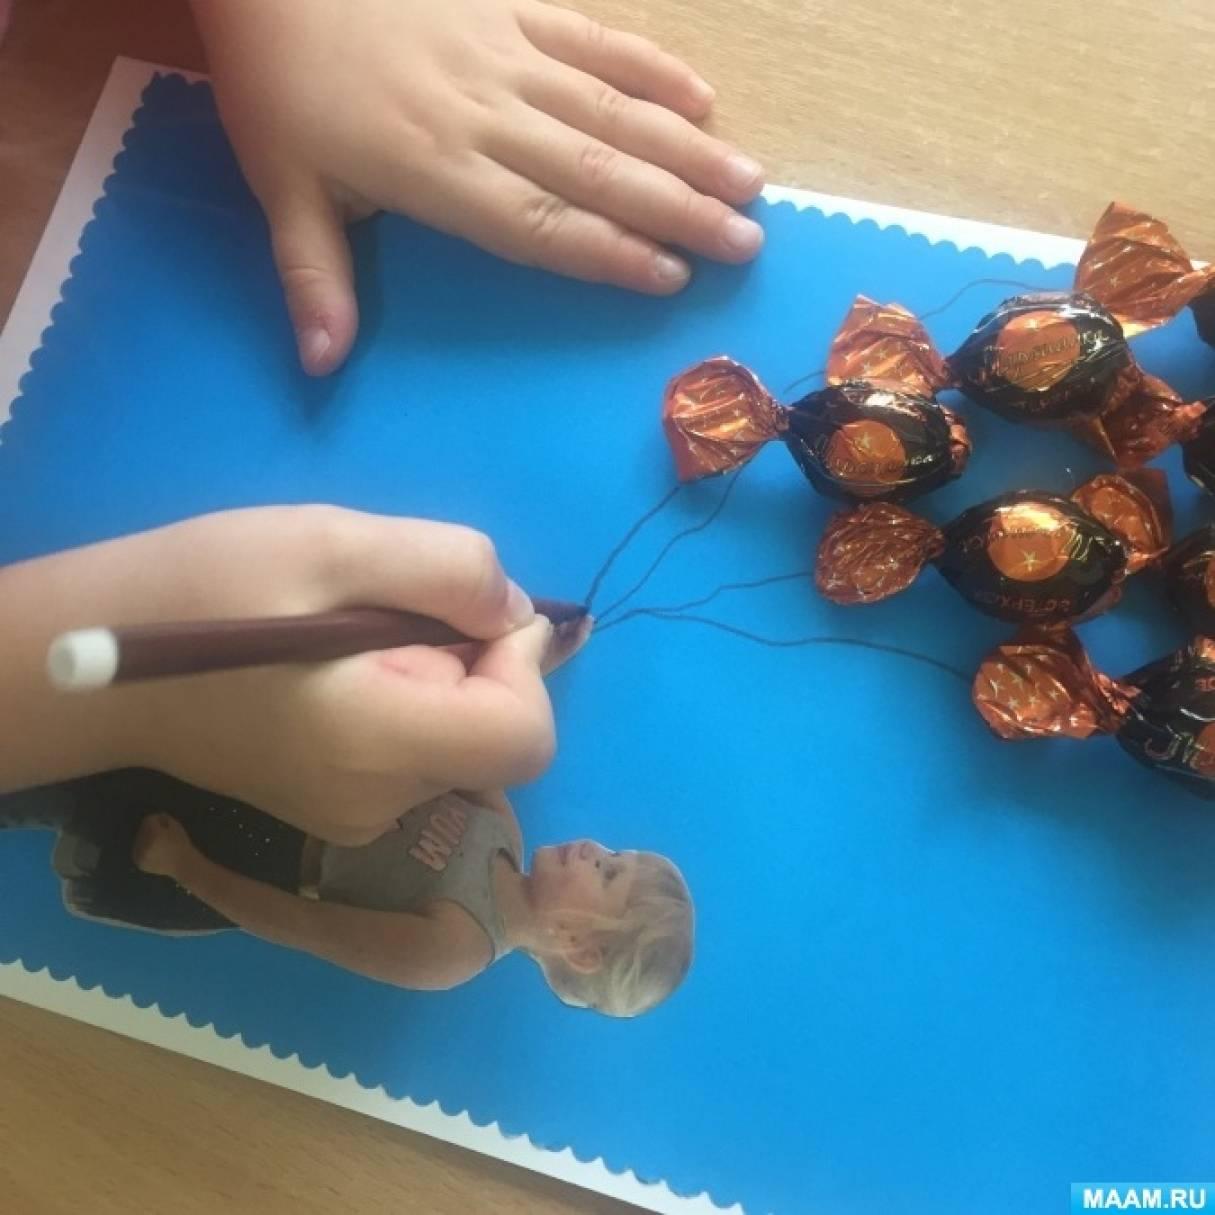 50 идей: что подарить воспитателям на день воспитателя (дошкольного работника) детского сада. Лучшие недорогие подарки.